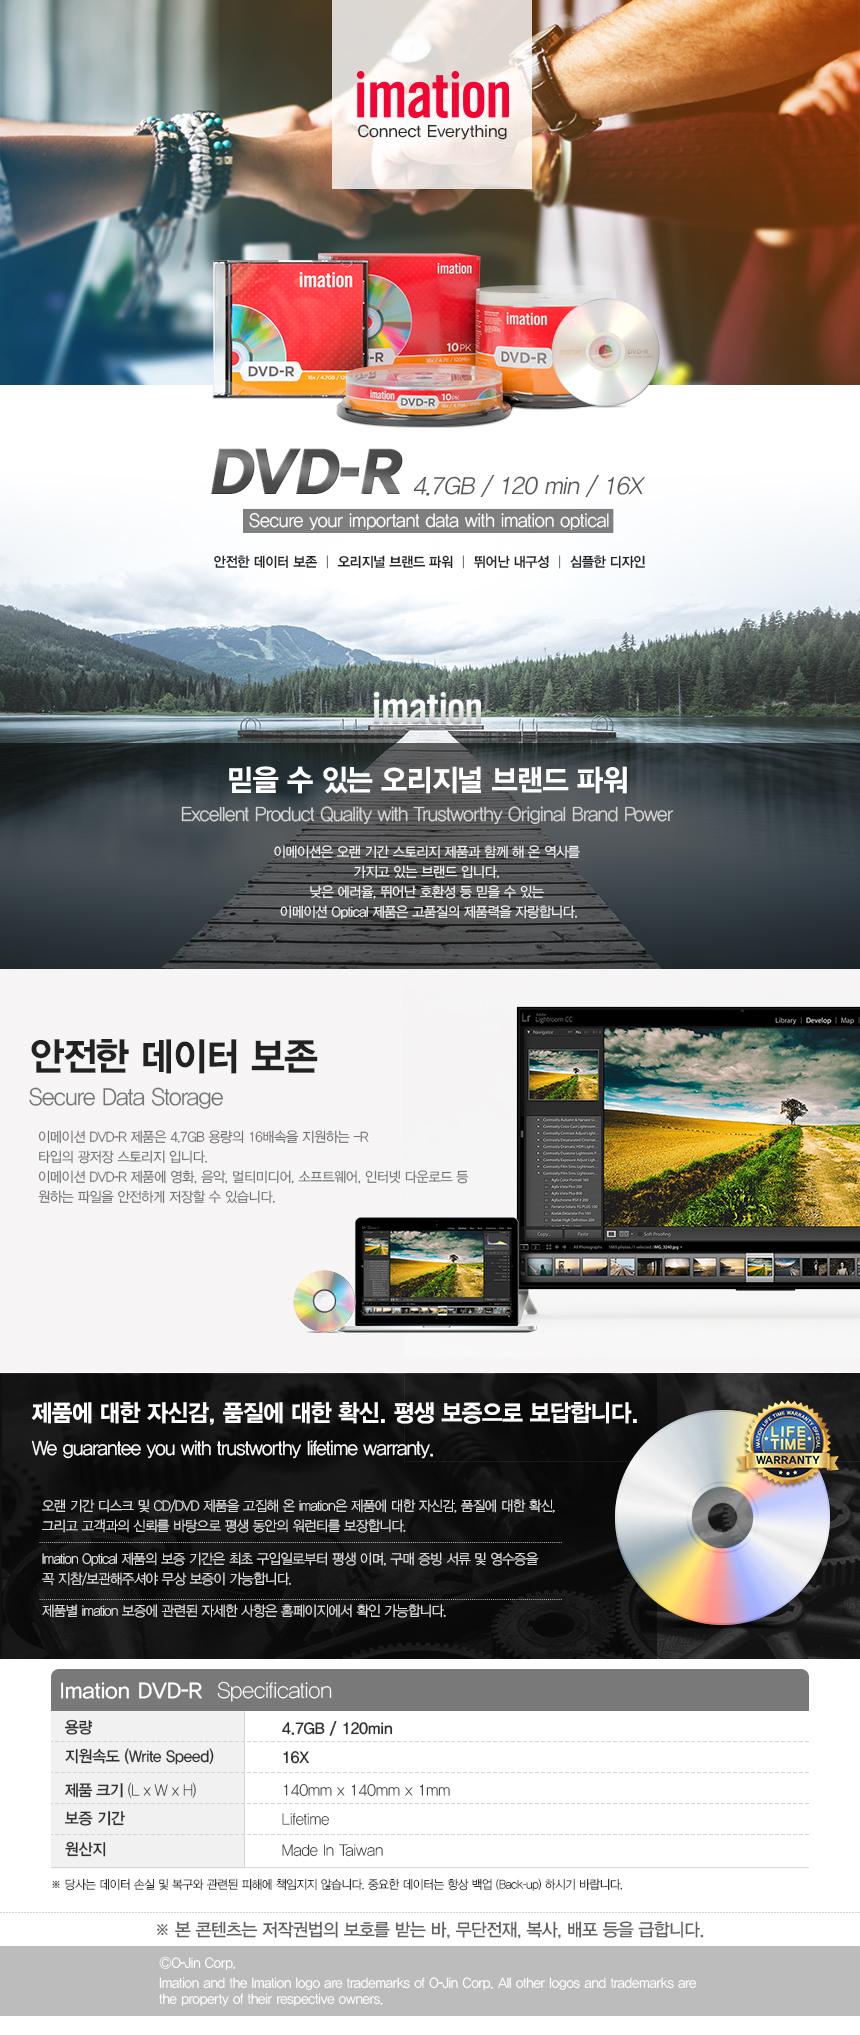 이메이션 DVD-R 4.7GB 16x 케이크 (10장)